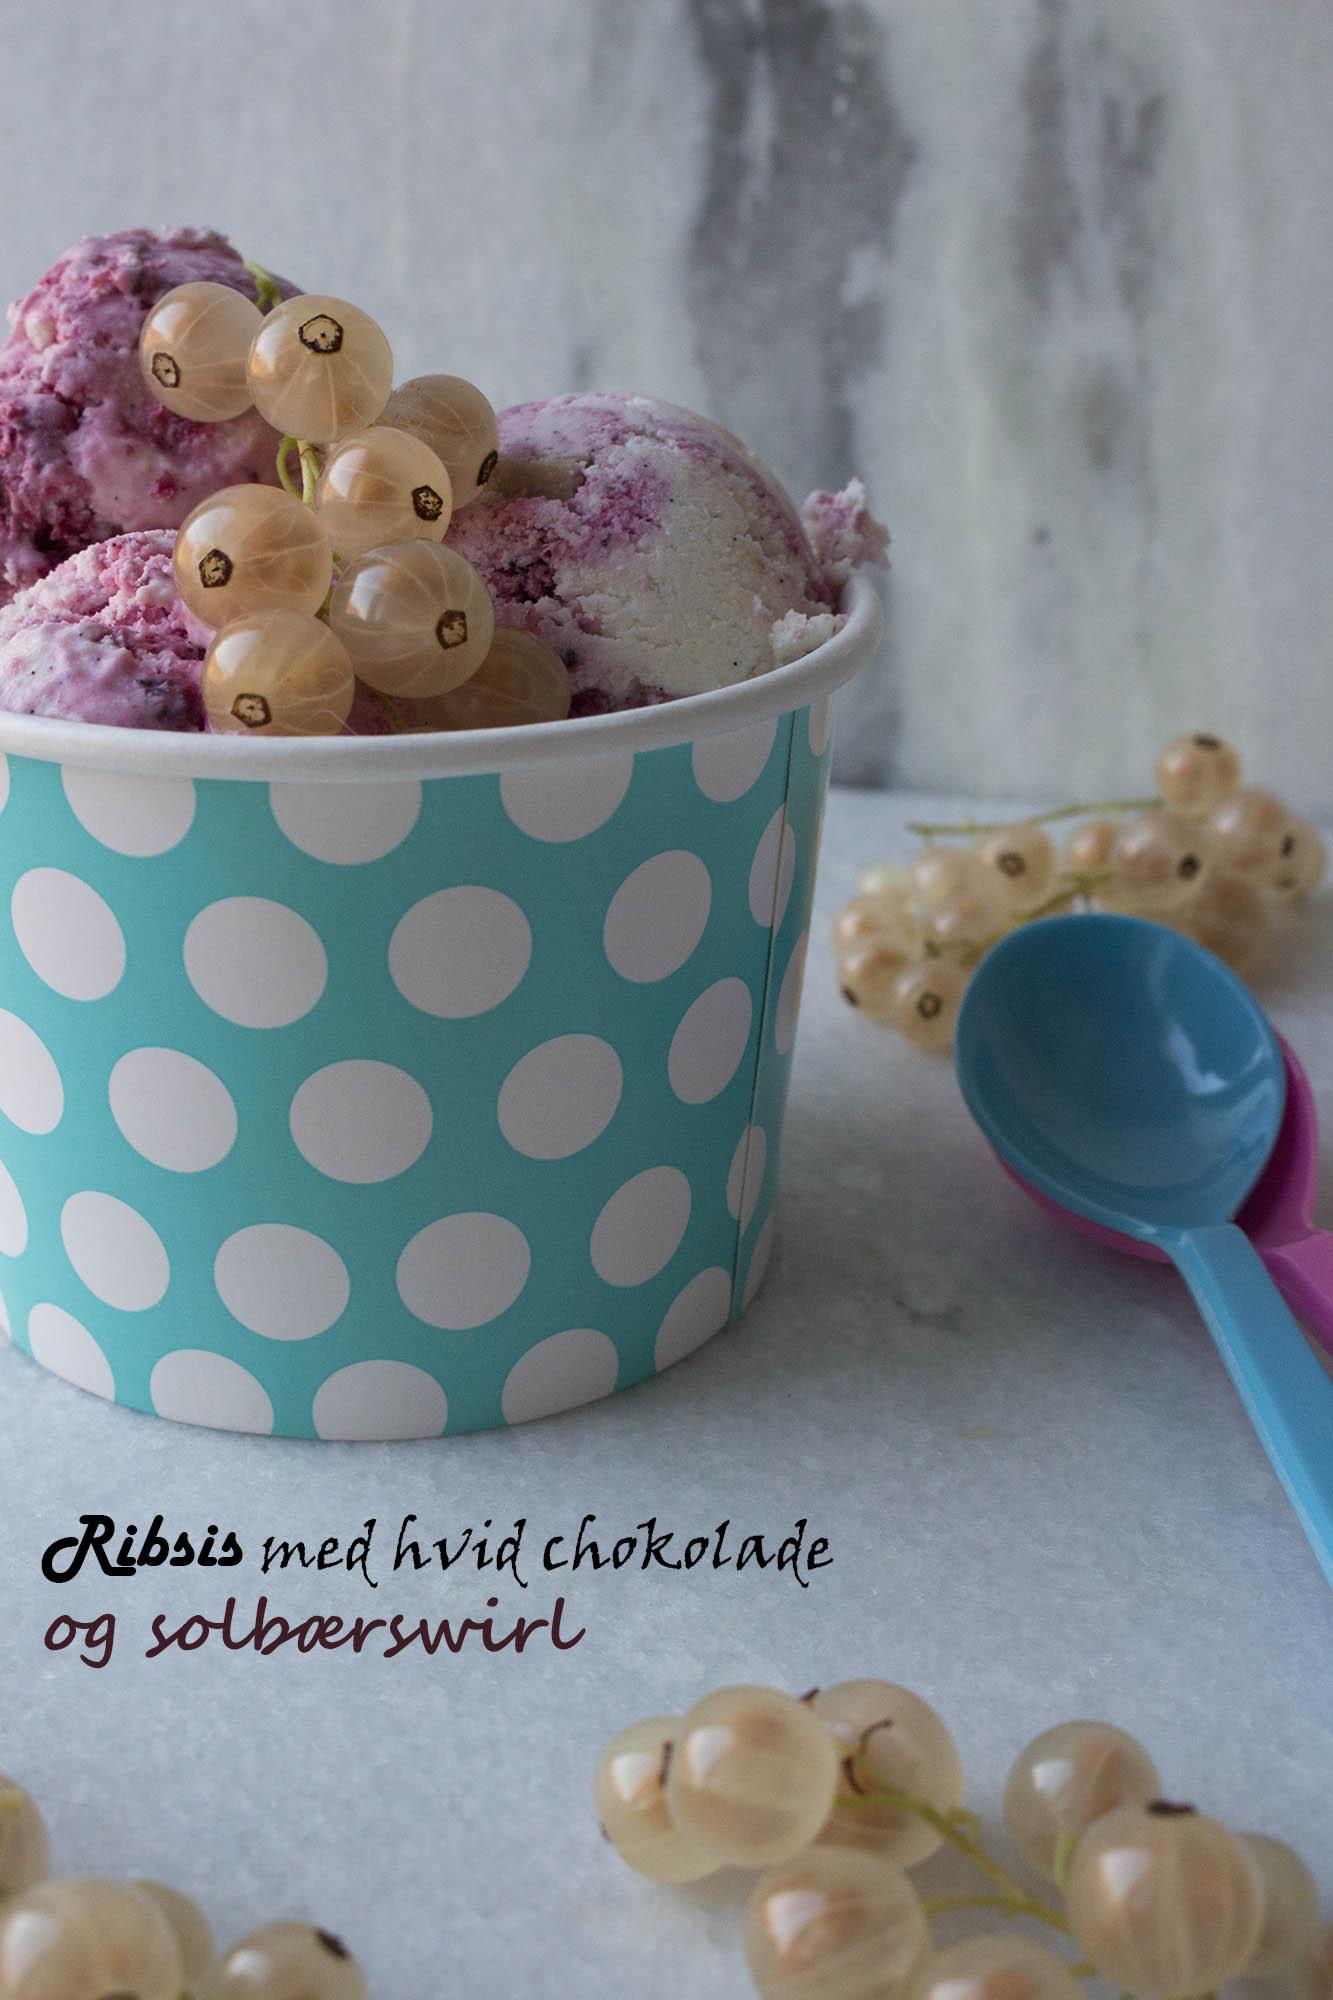 Ribsis med hvid chokolade og solbærswirl